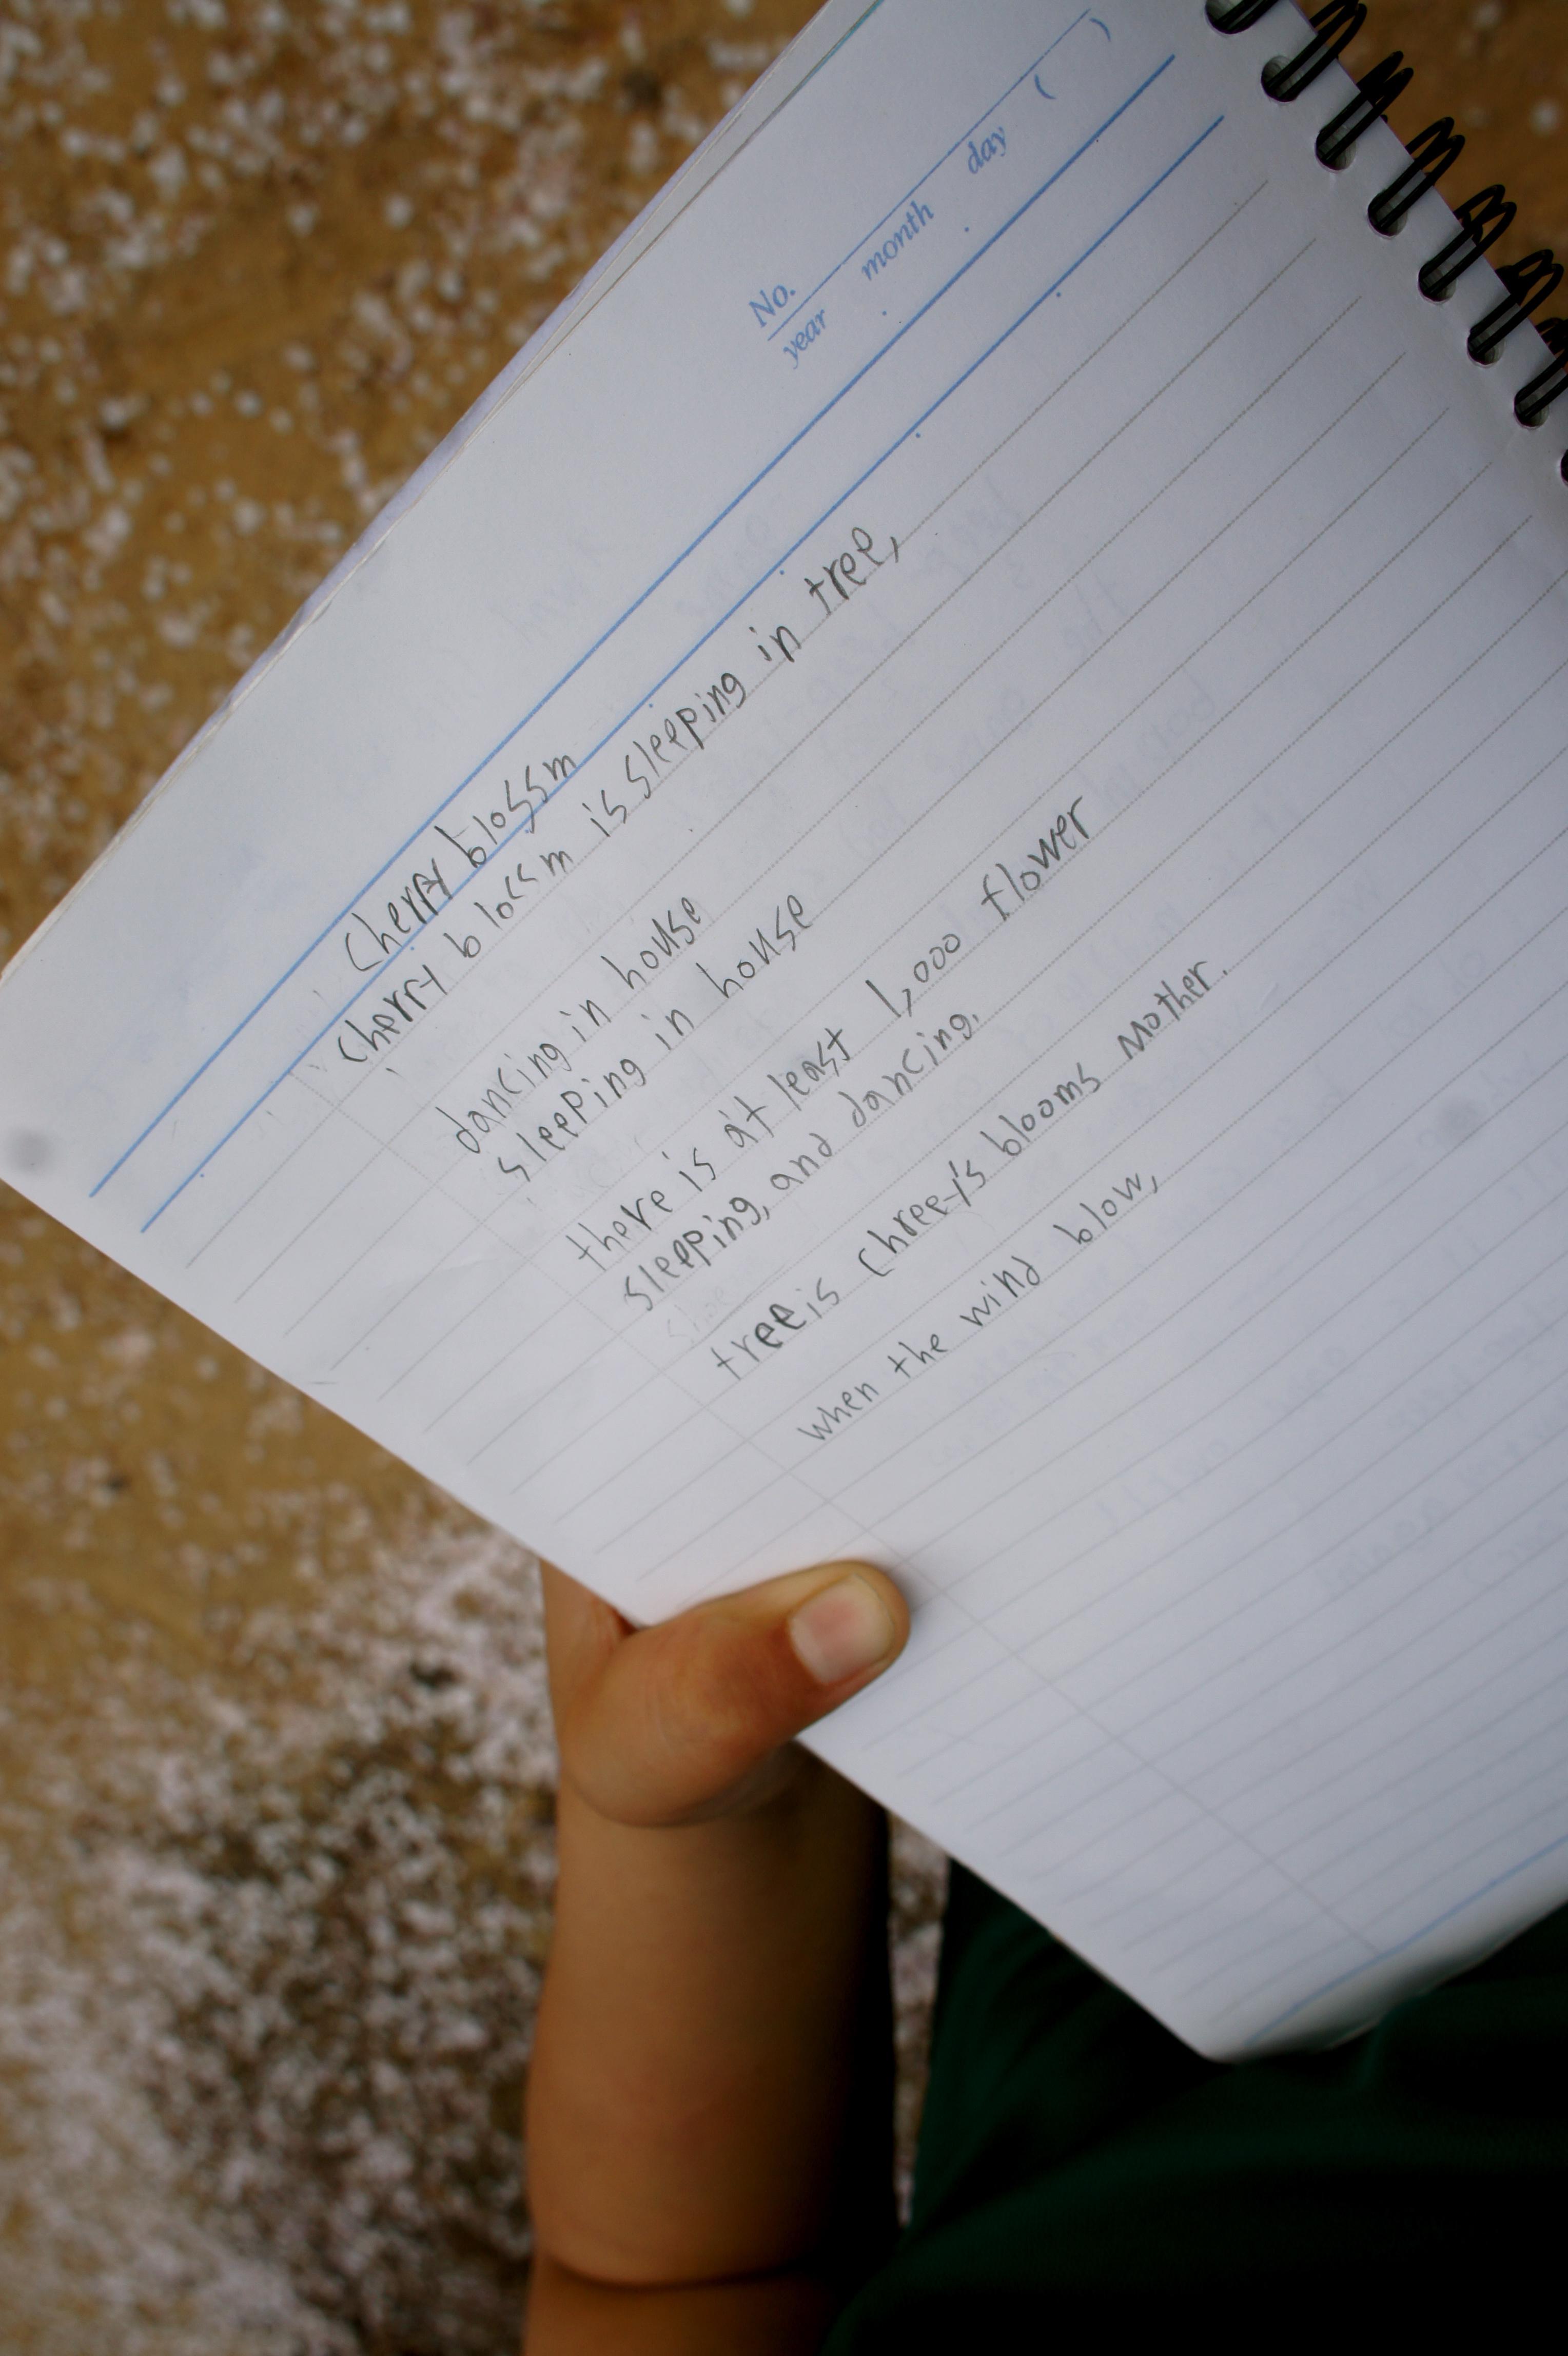 essay on my dream school n essaye essay on my dream school